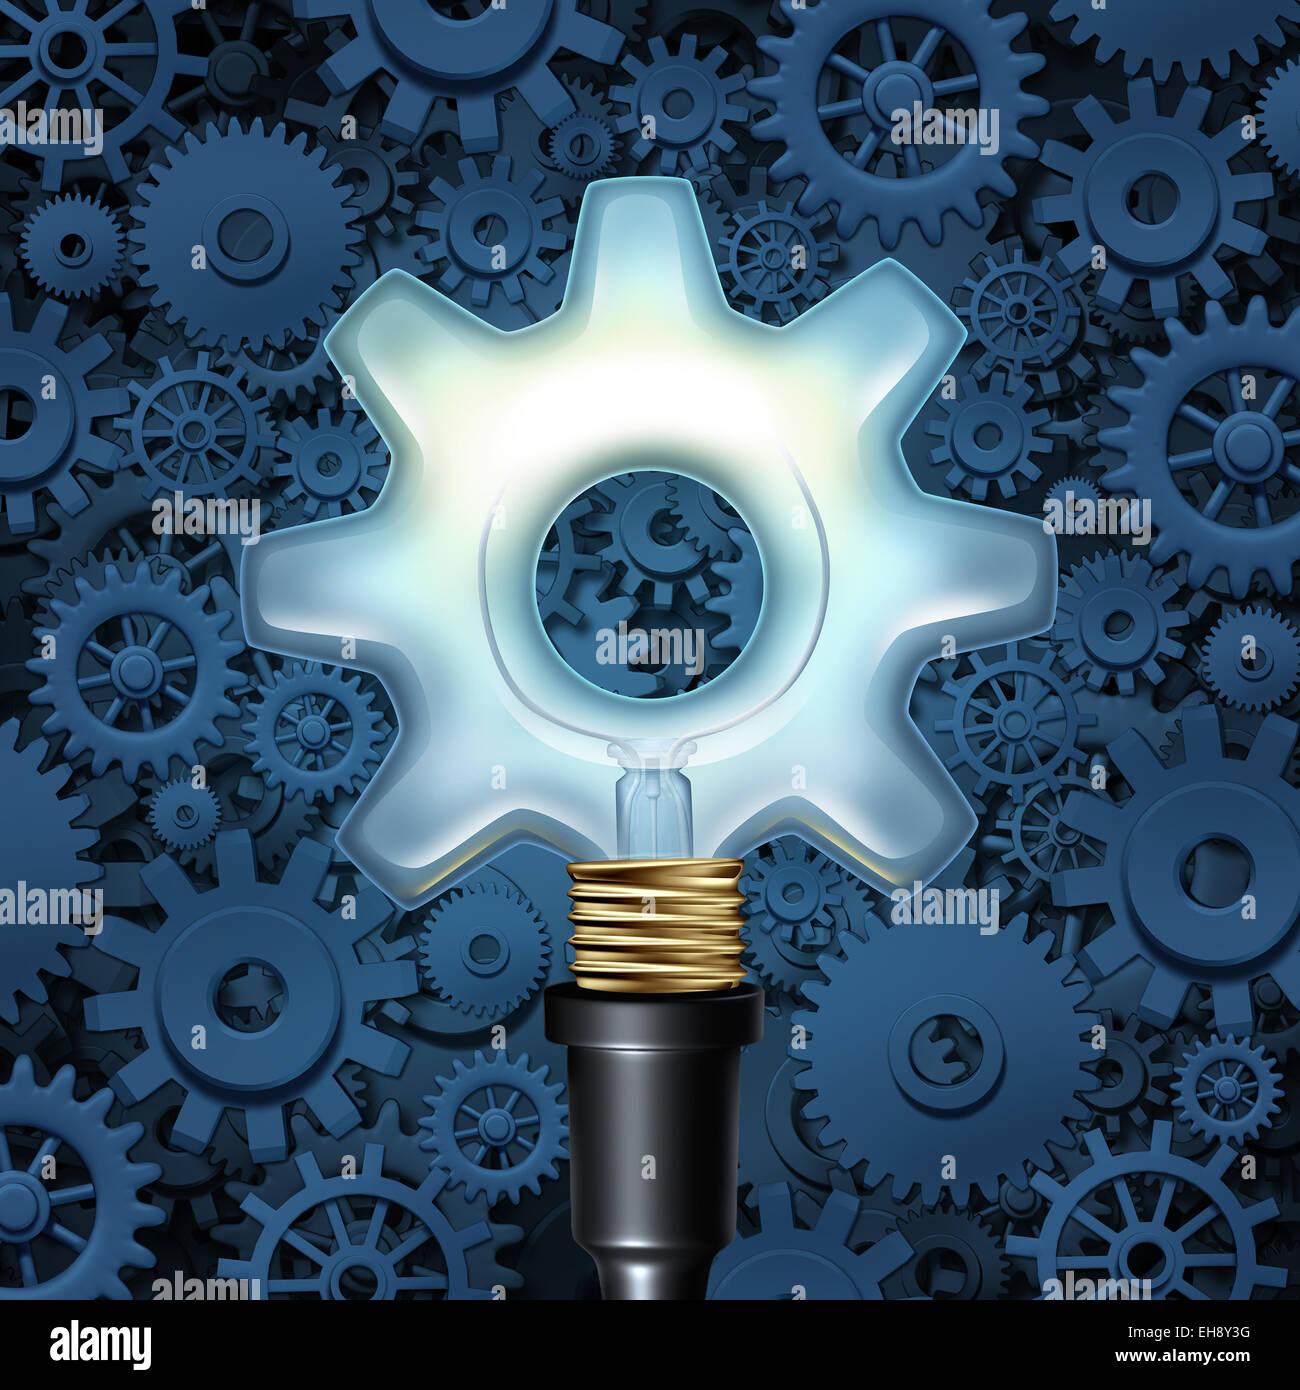 Glühbirne mit Getriebe-Business-Konzept als ein Licht geformt wie ein Zahnrad mit Maschinenteilen im Hintergrund Stockbild